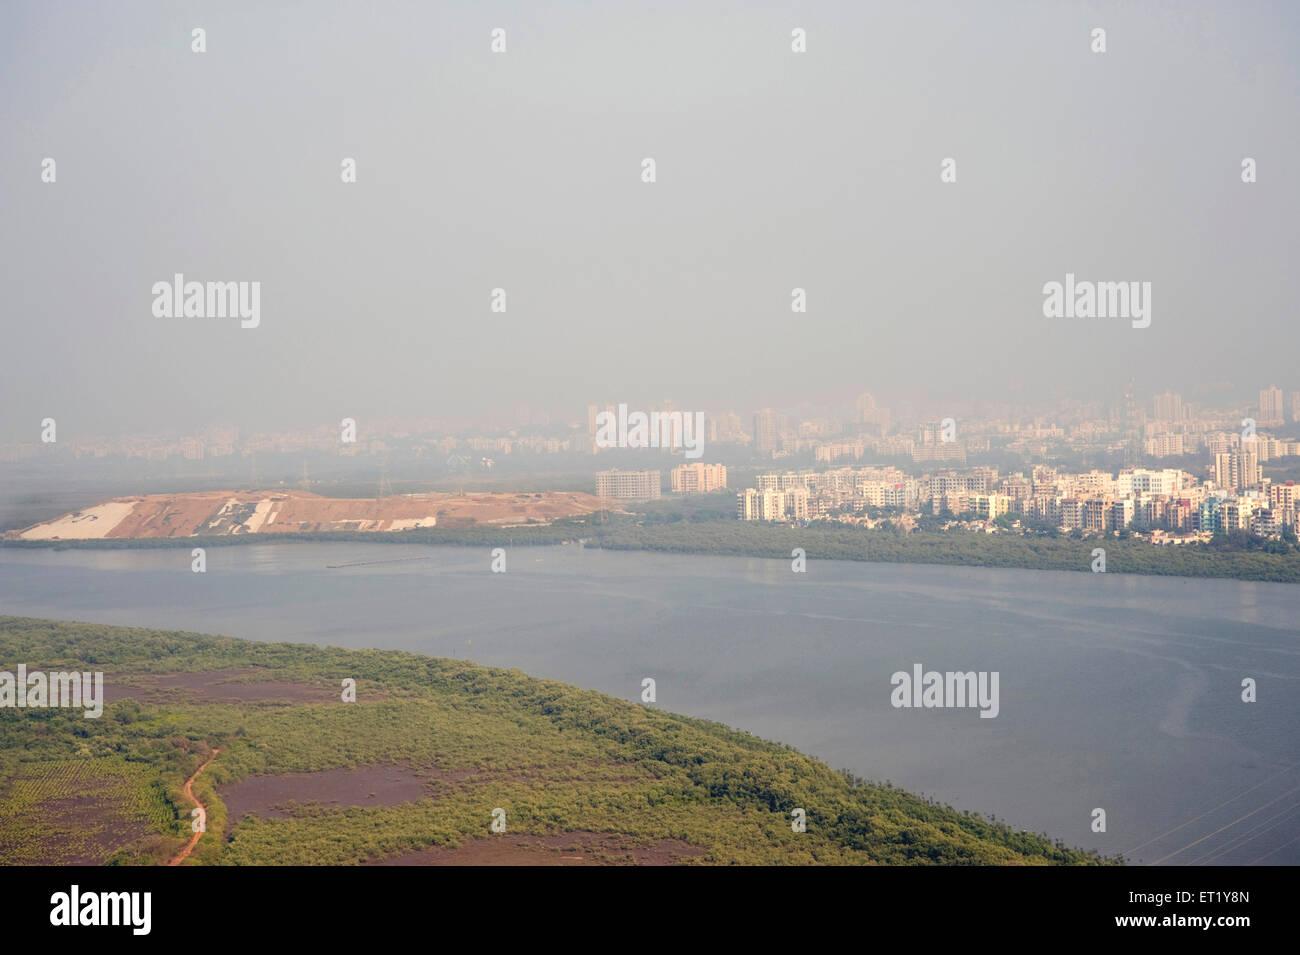 Landfill ; Gorai creek and mangroves trees ; Borivali ; Bombay Mumbai ; Maharashtra ; India - Stock Image